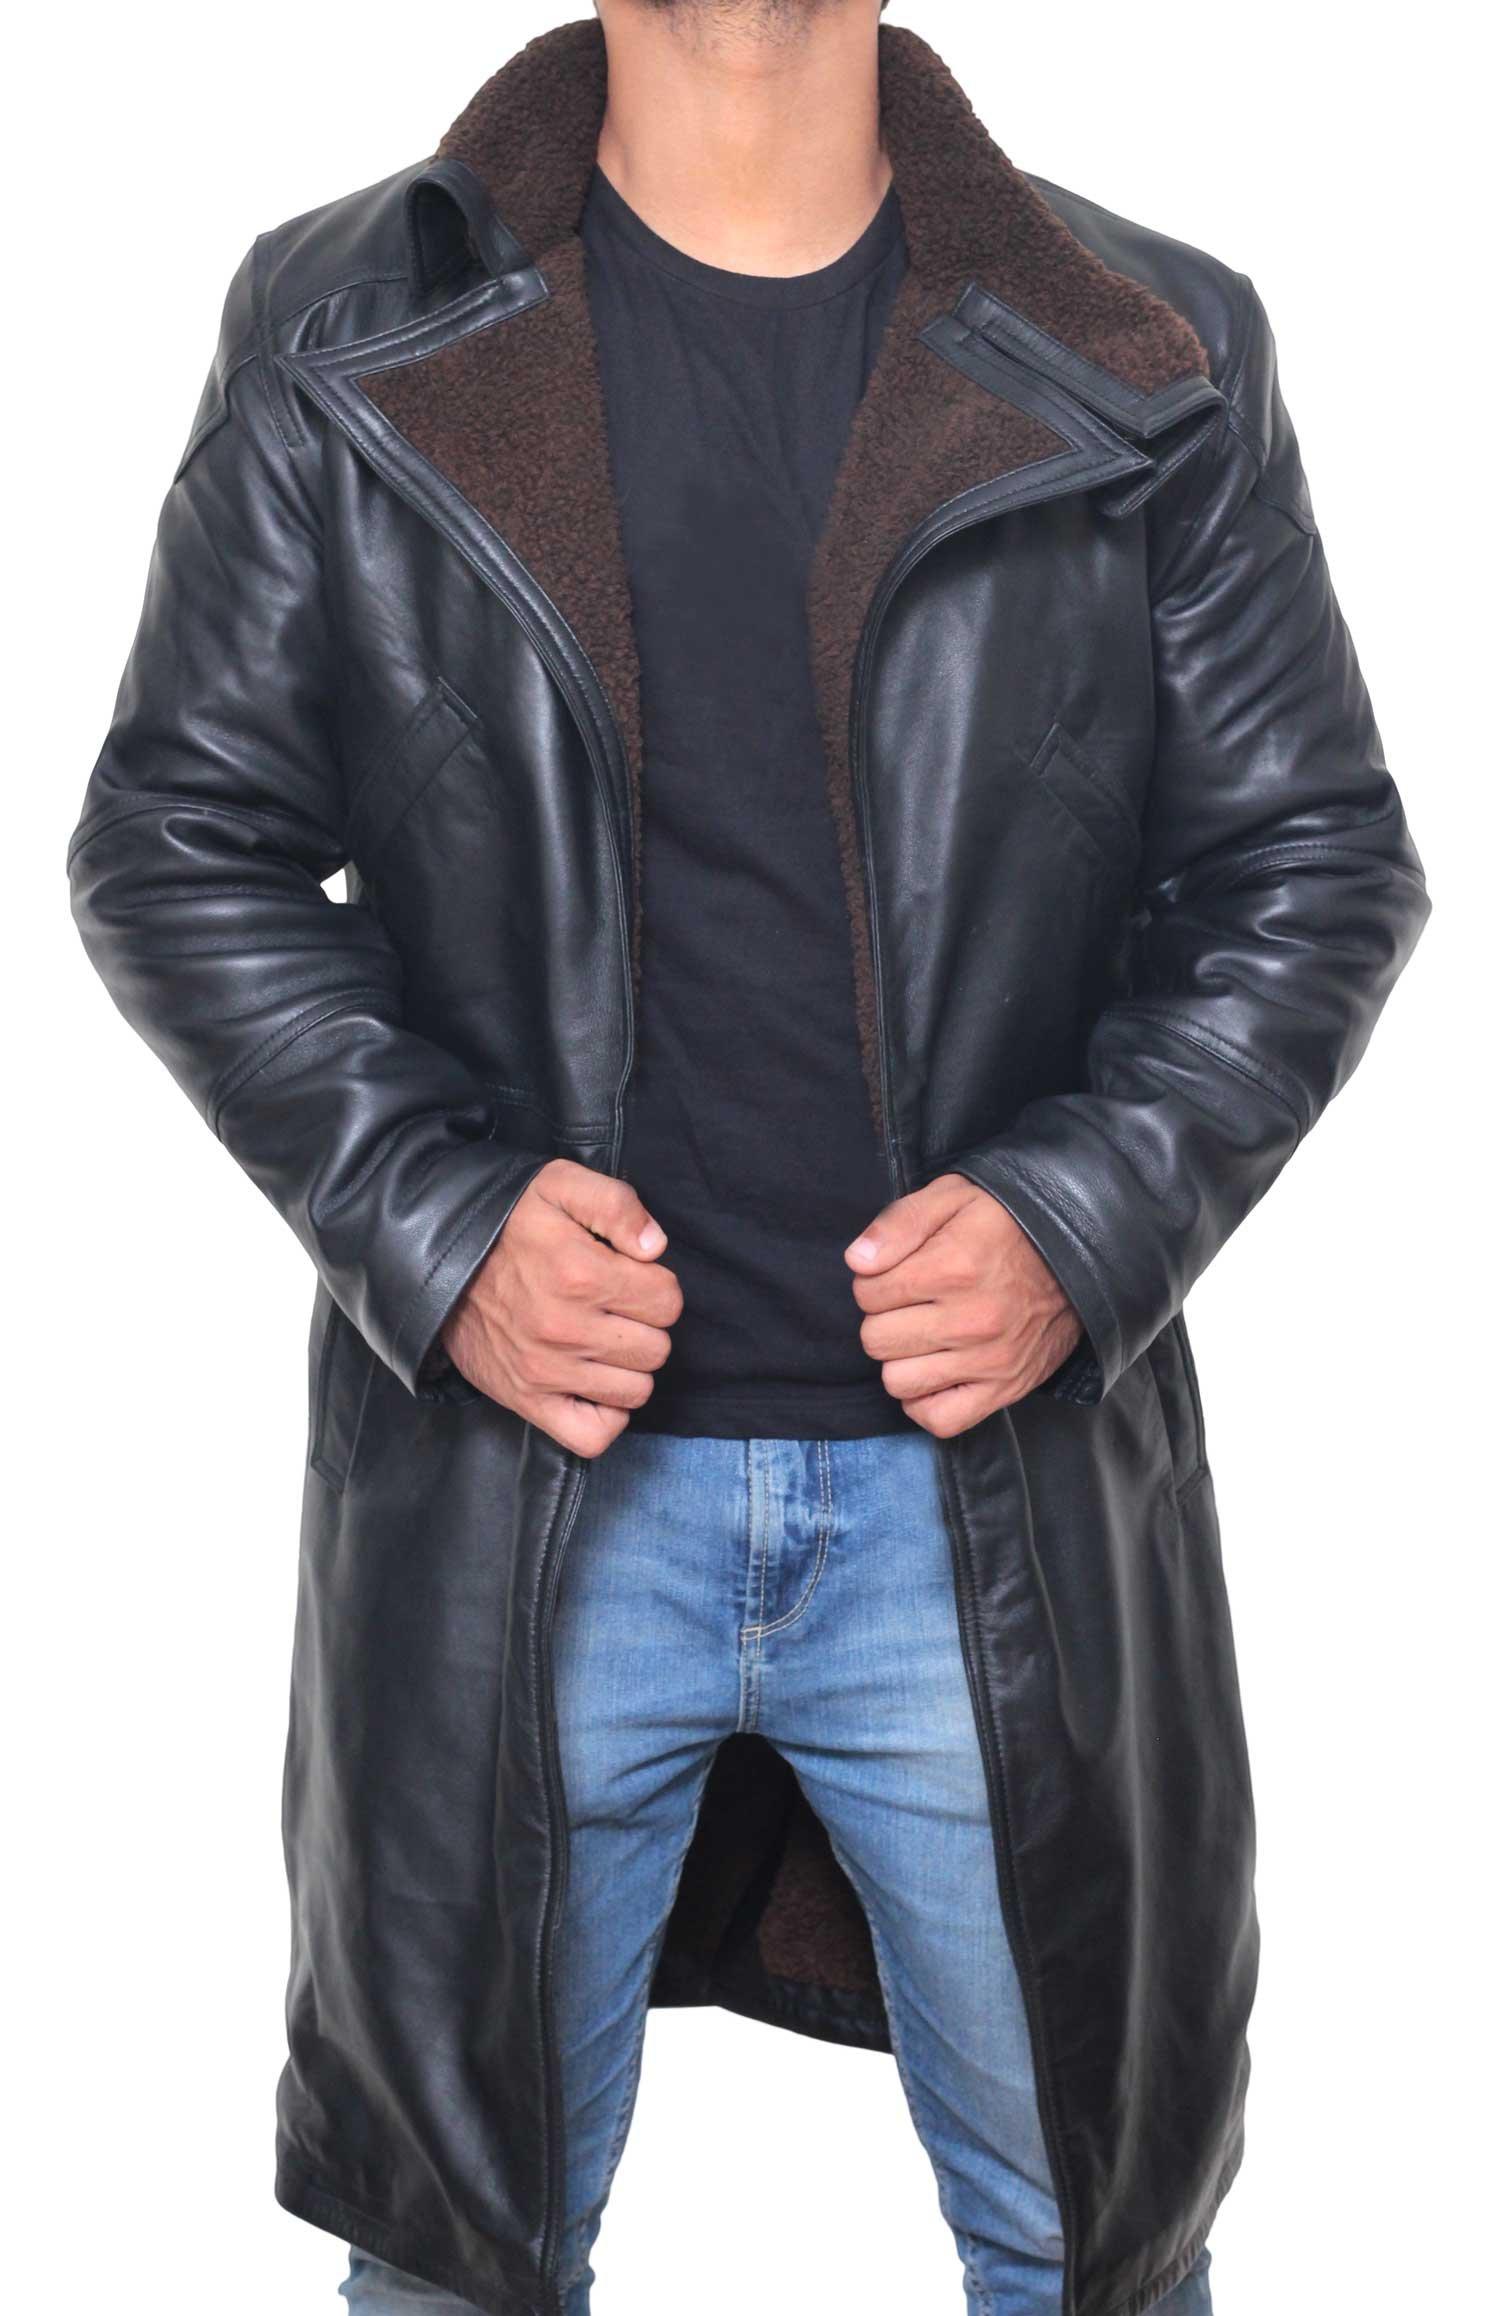 BlingSoul Ryan Gosling Blade Runner 2049 Officer K Leather Coat Real Leather (2XL) [RL-BLRN-BL-2XL]